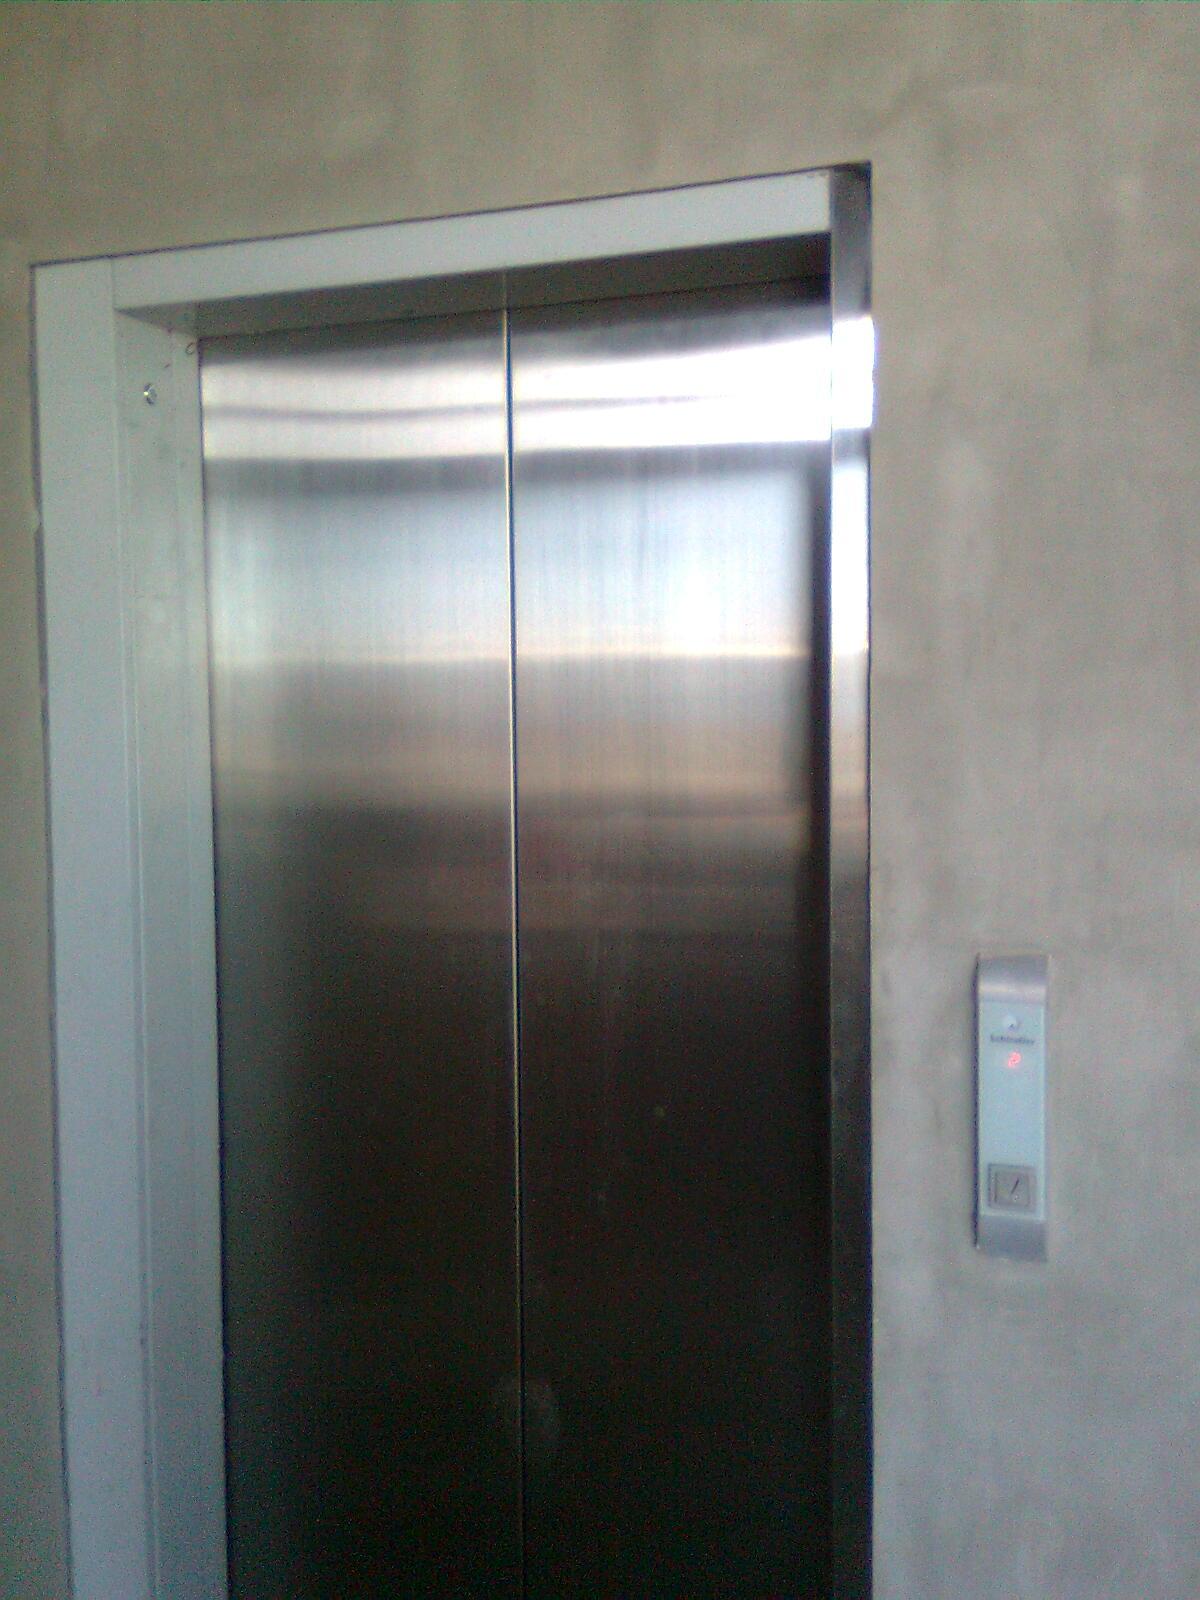 image schindler 3300 ap s 2010 jpg elevator wiki fandom rh elevation wikia com Schindler Elevator 330A Schindler 3300 Elevator Sling